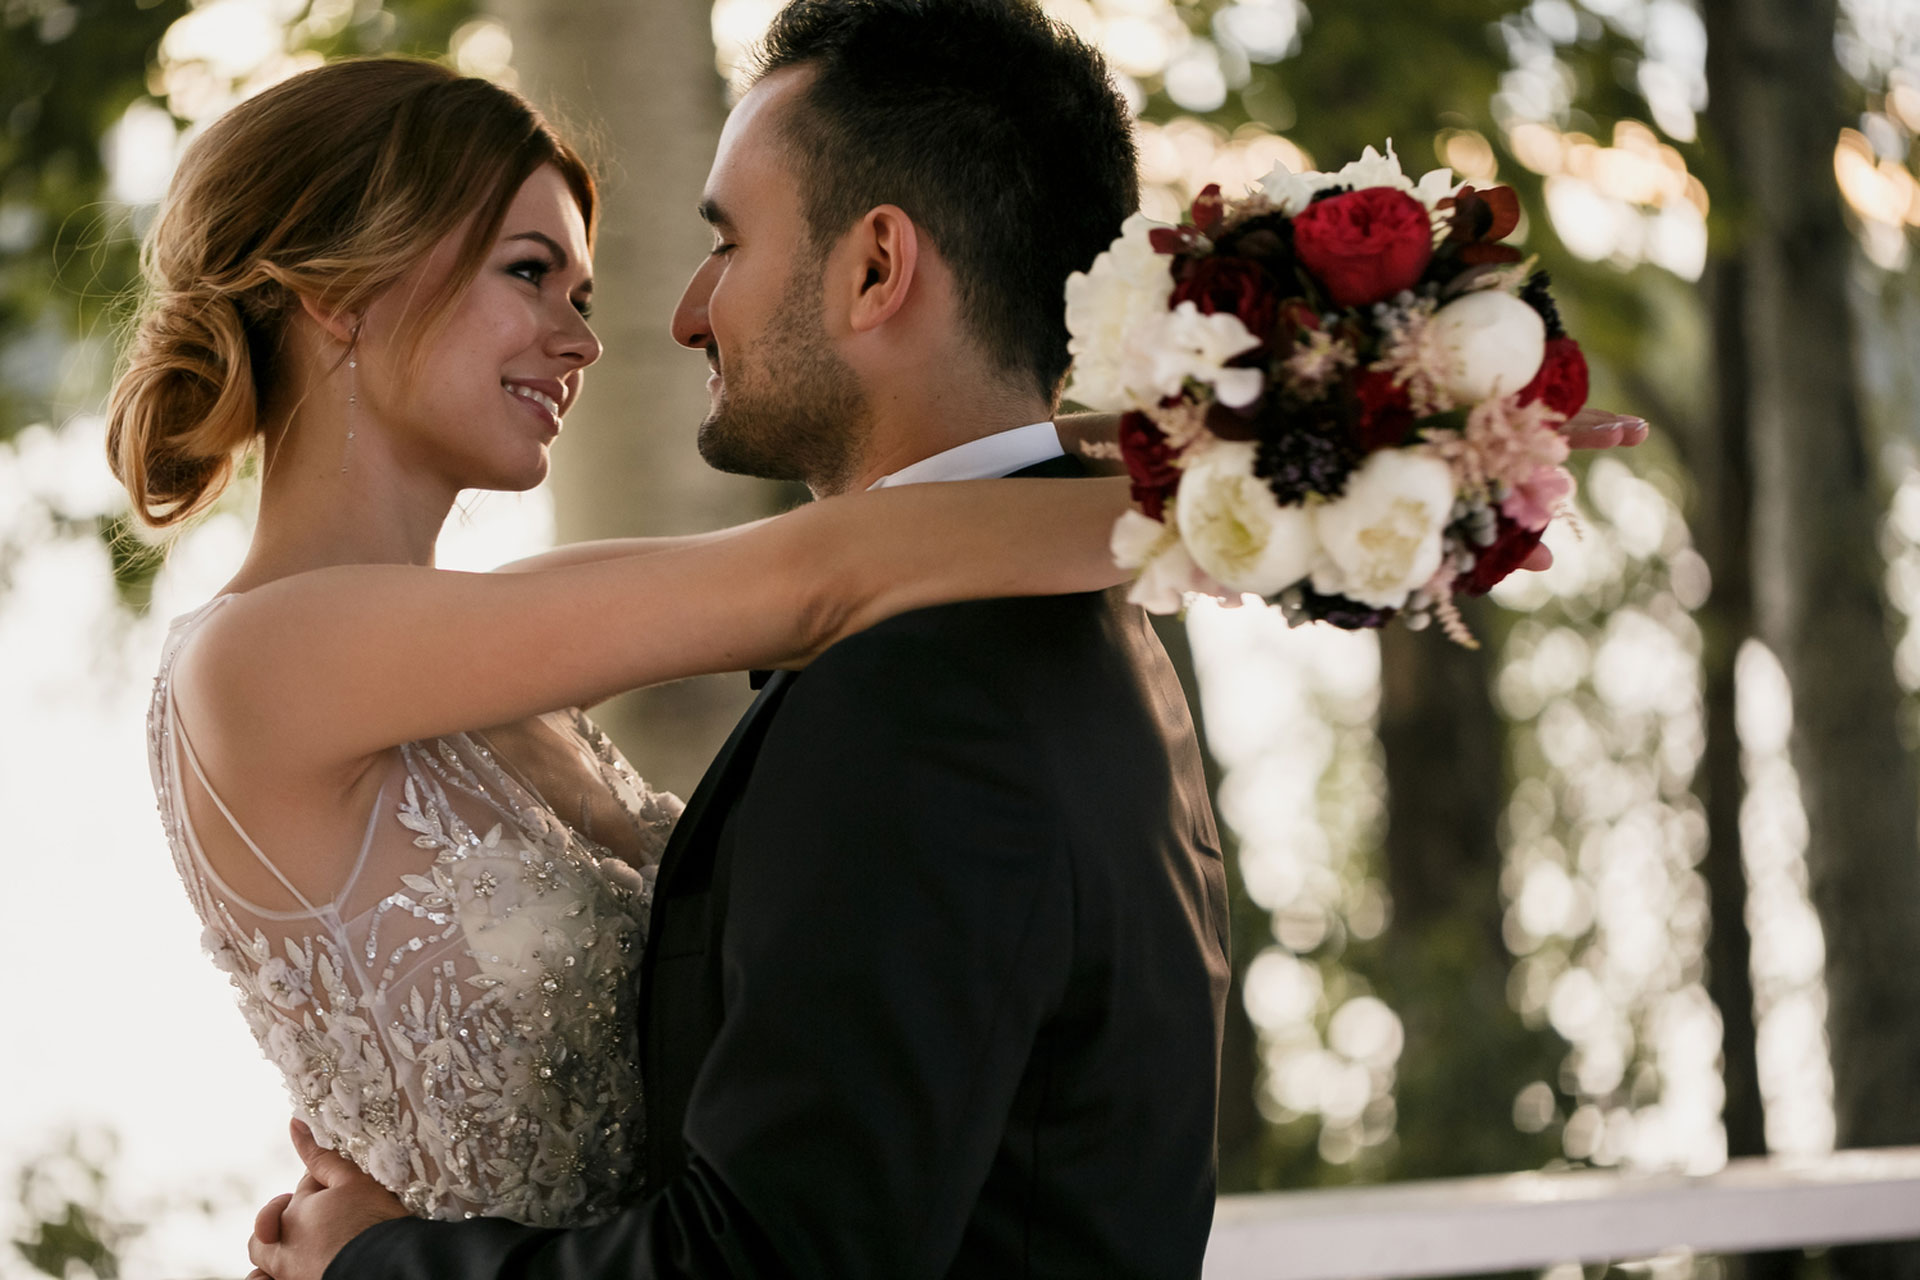 В цвете марсала. Свадьба Тимура и Екатерины фото 16